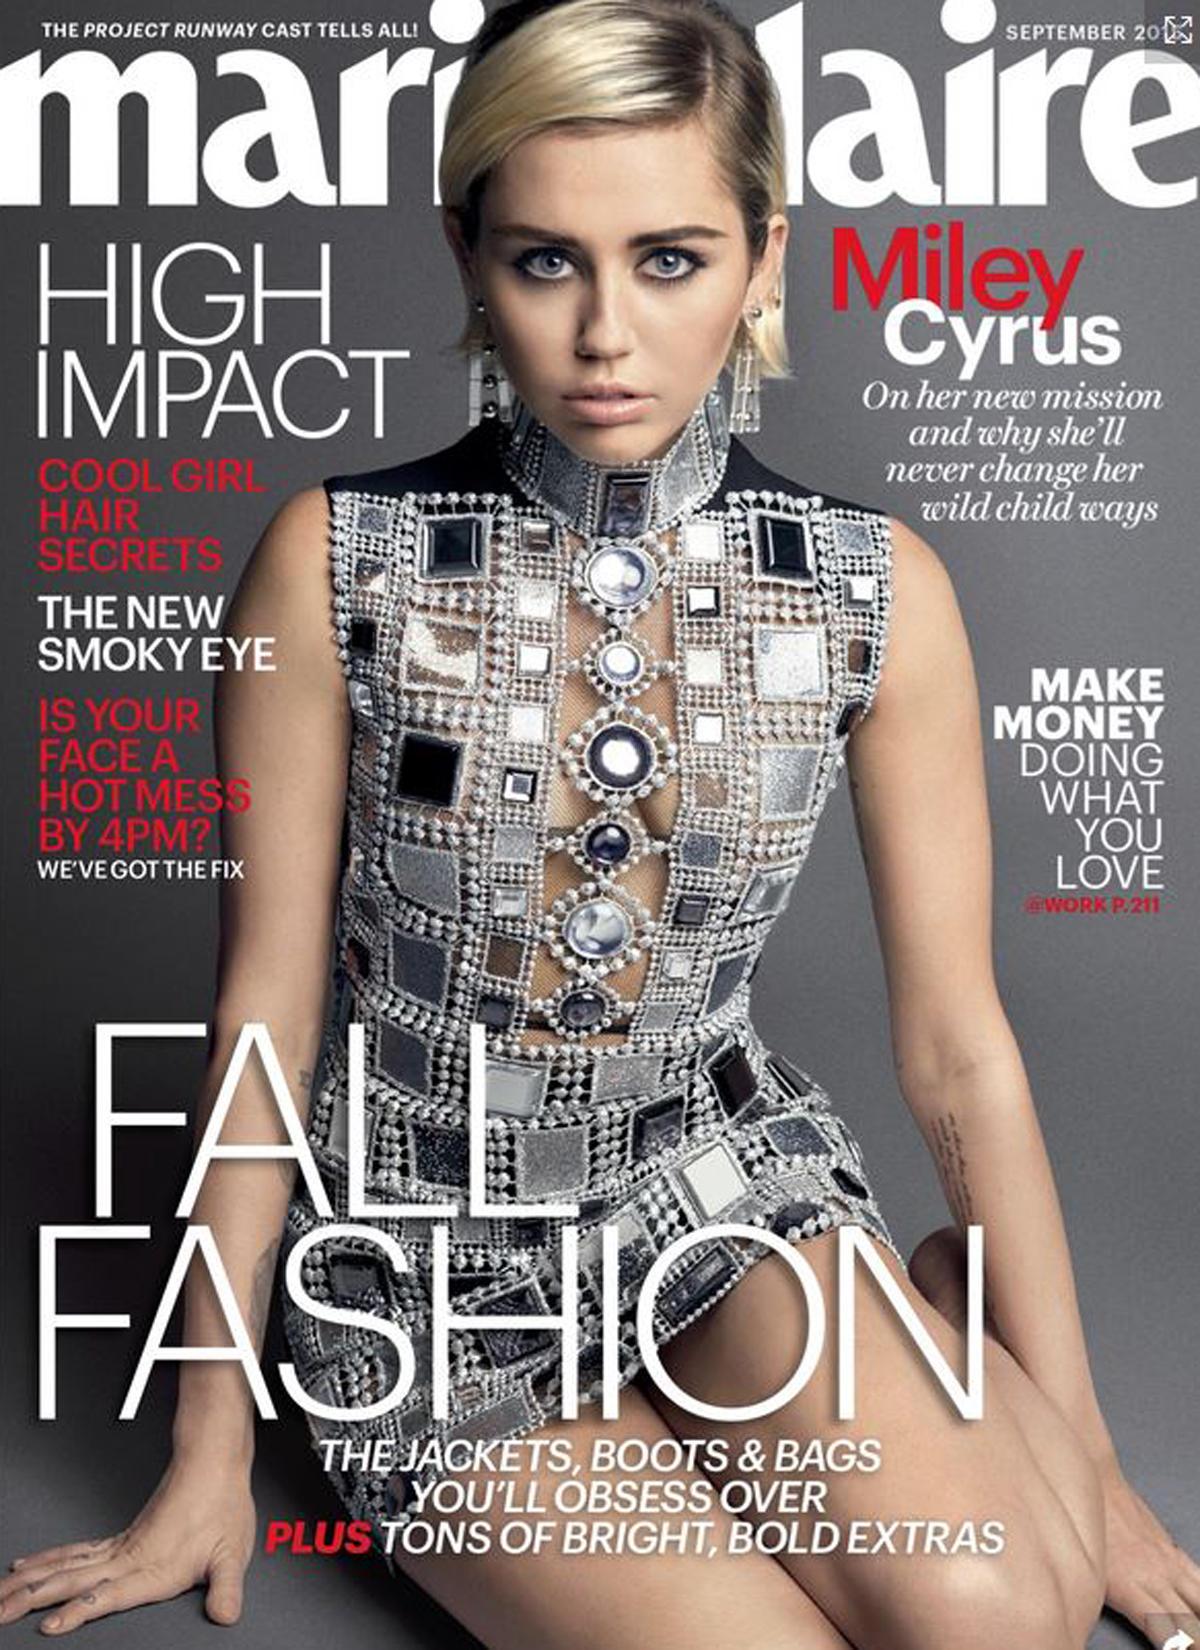 """Die Septemberausgabe der Zeitschrift """"Marie Claire"""" zeigt ein Shooting mit Miley Cyrus. Im Interview bekennt sie die drastischen Hintergründe ihres Hannah-Montana-Erfolgs und wie sie mit den Problemen heute klar kommt."""